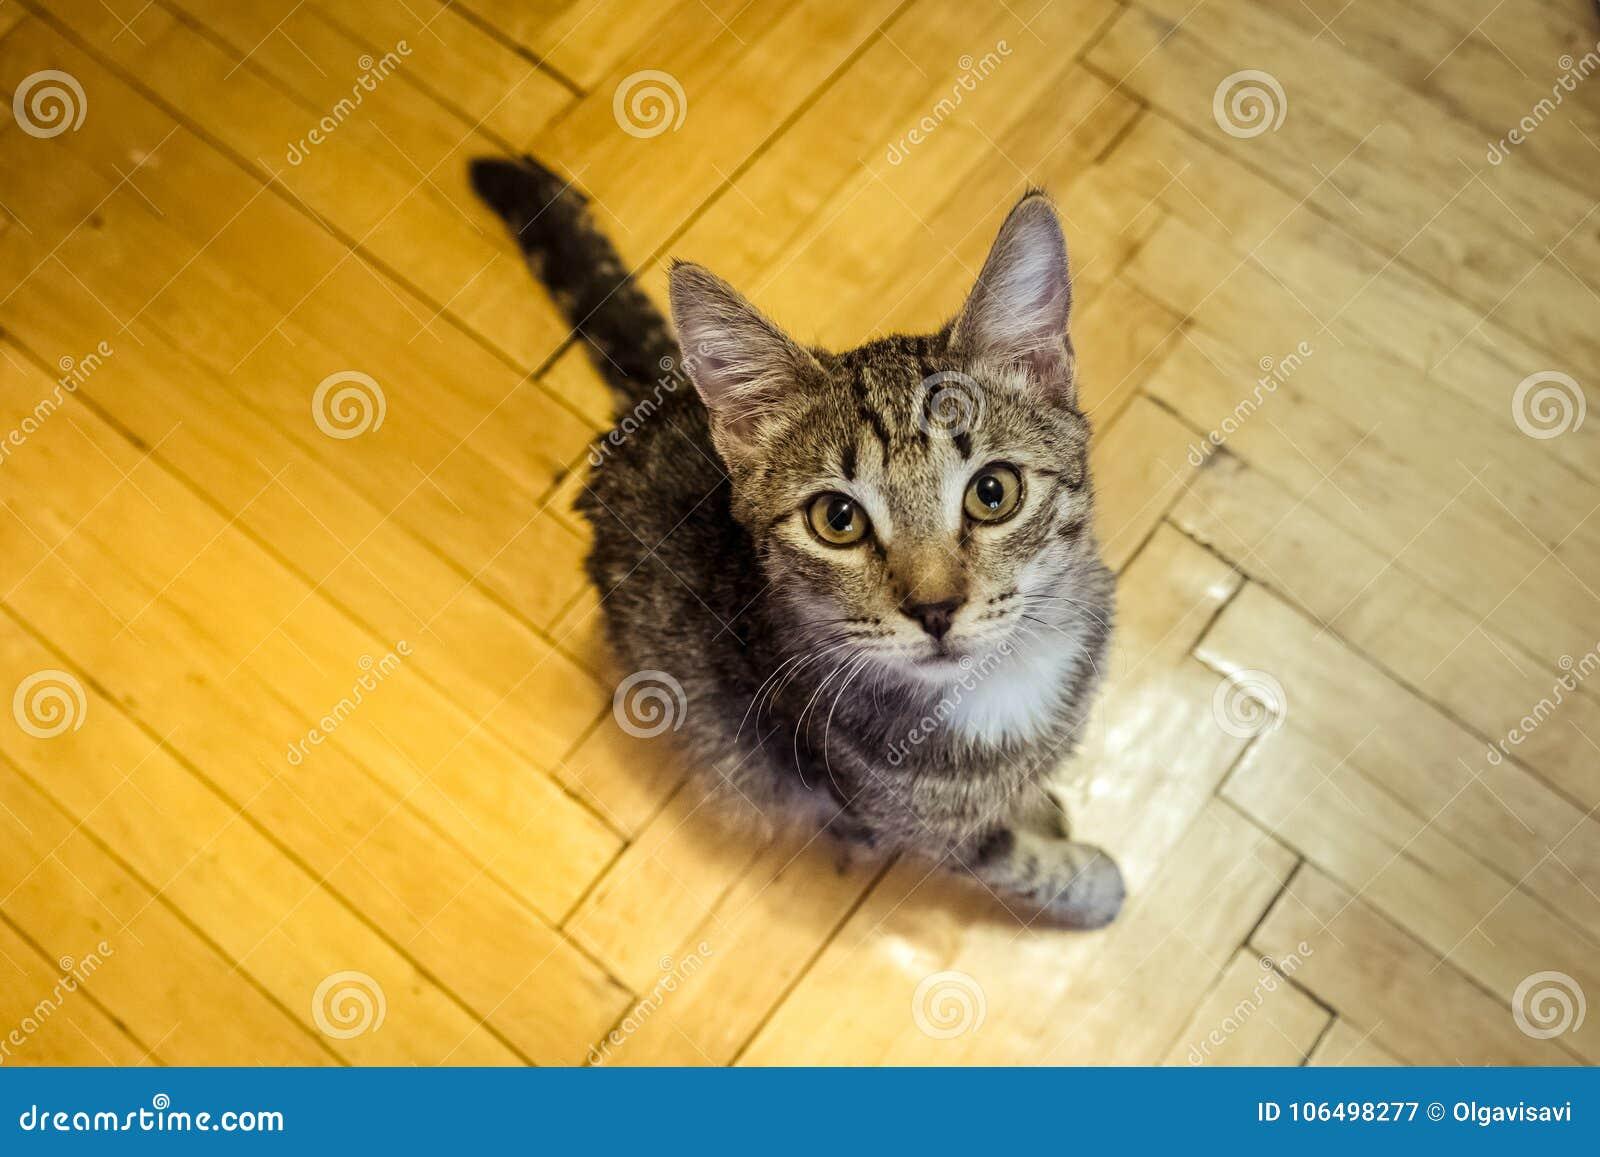 Gatito con una pata enferma